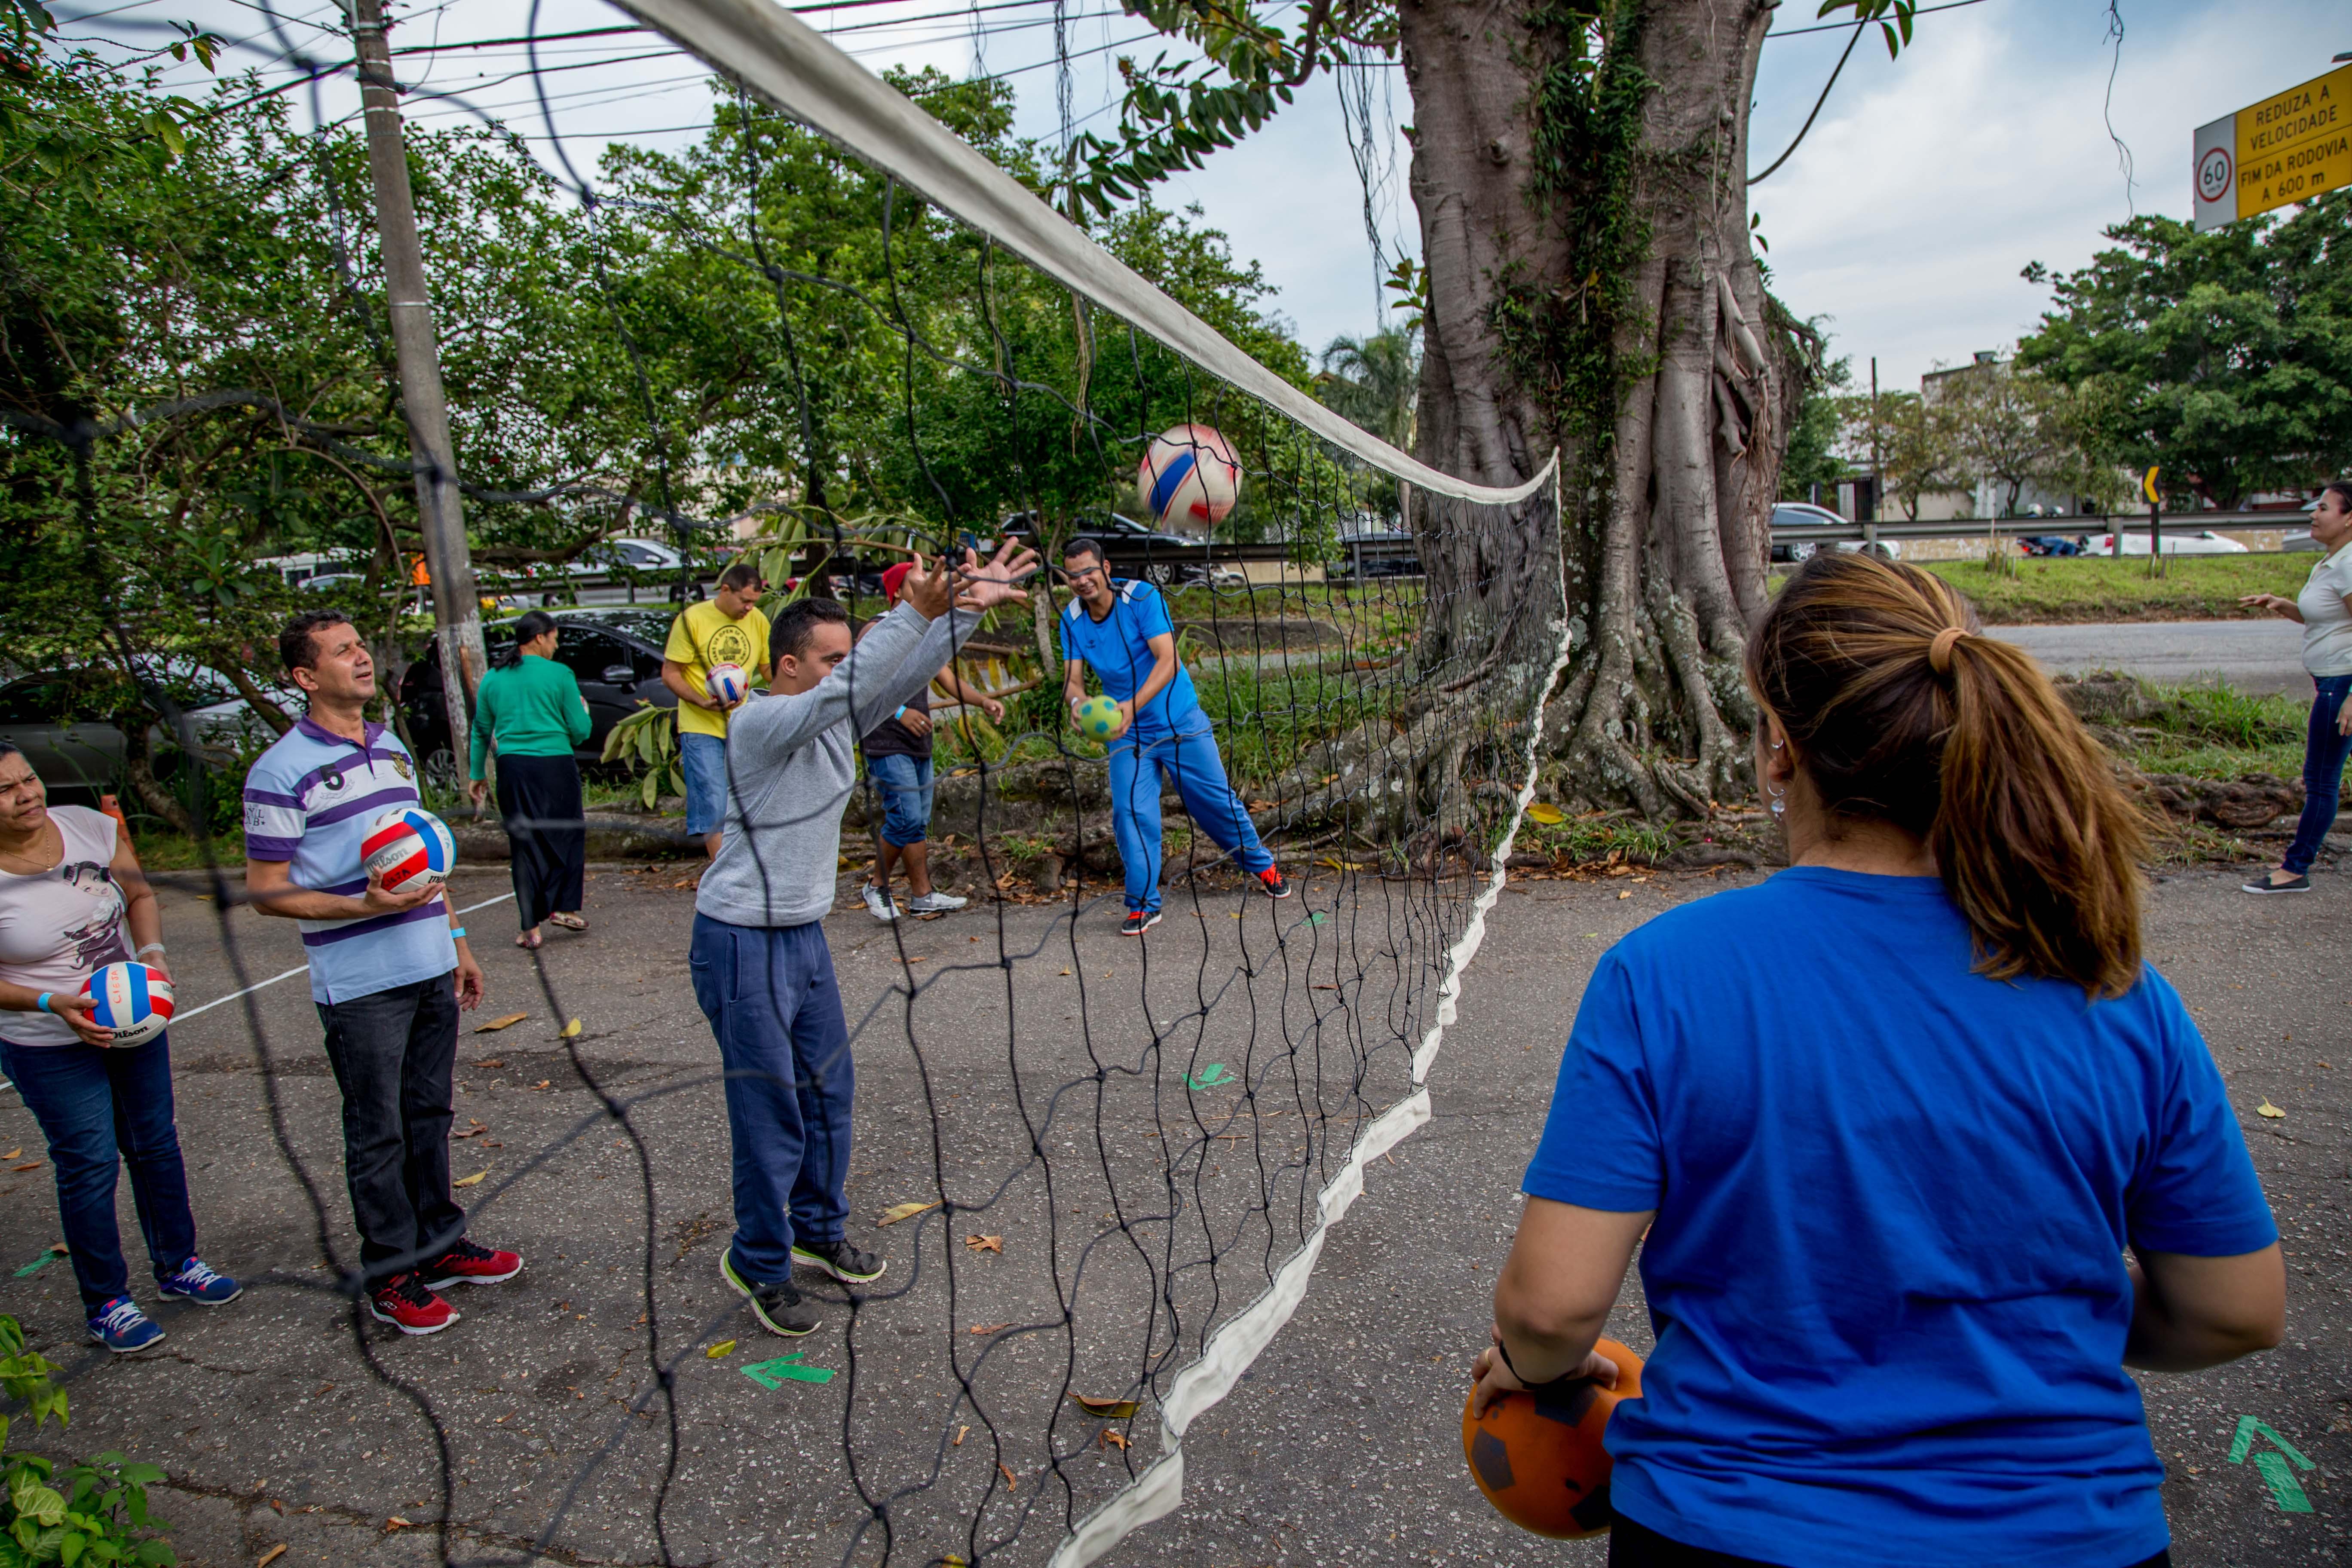 Estudante com deficiência lança bola acima de rede de vôlei pendurada a uma altura baixa na rua. Outros educandos e professores acompanham a atividade ao redor.